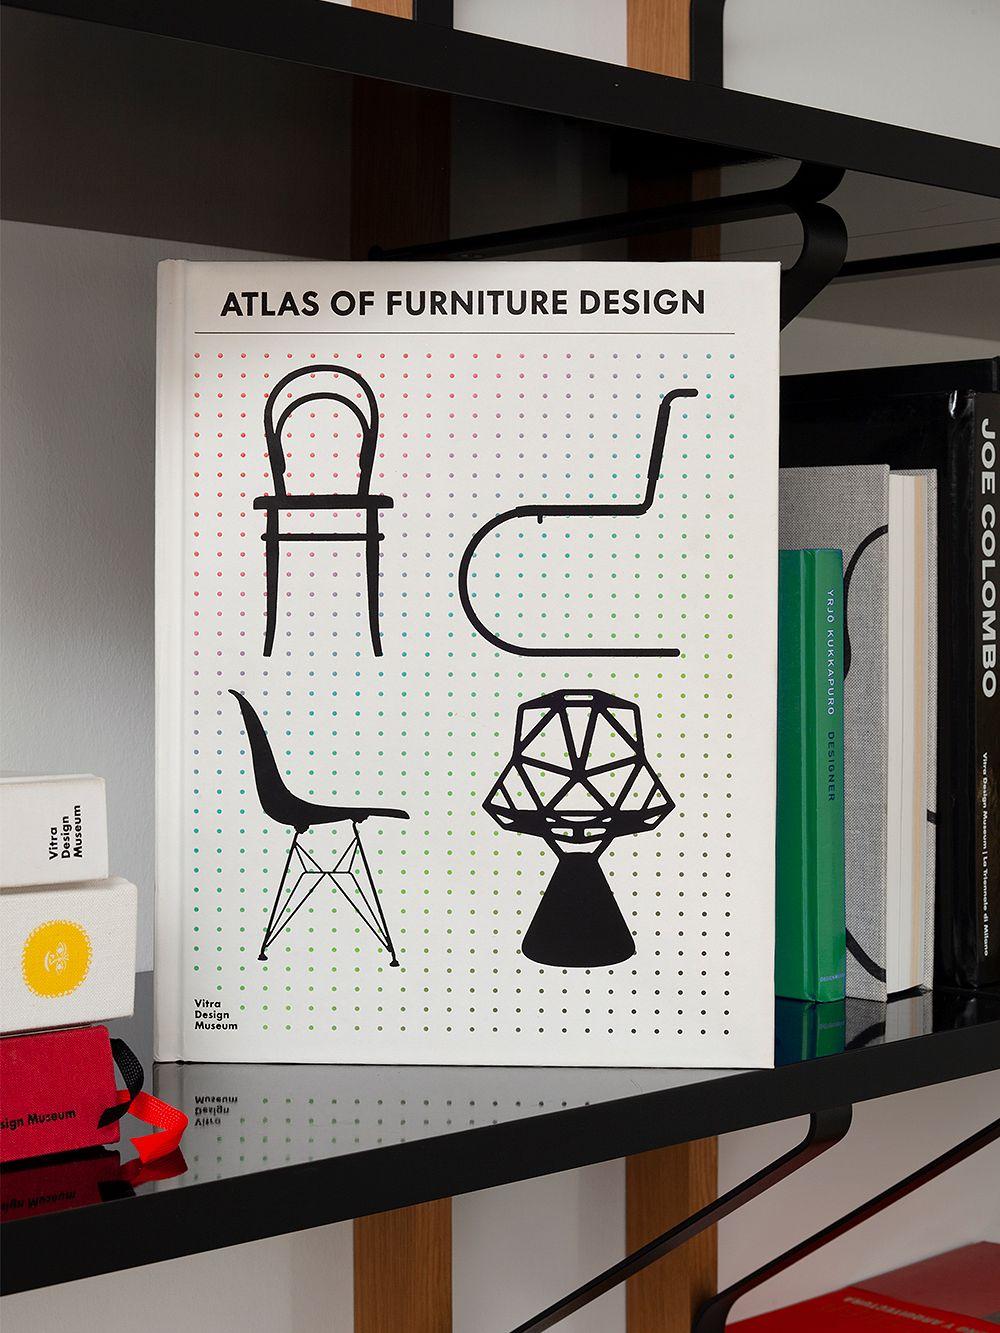 itra Design Museum Atlas of Furniture Design